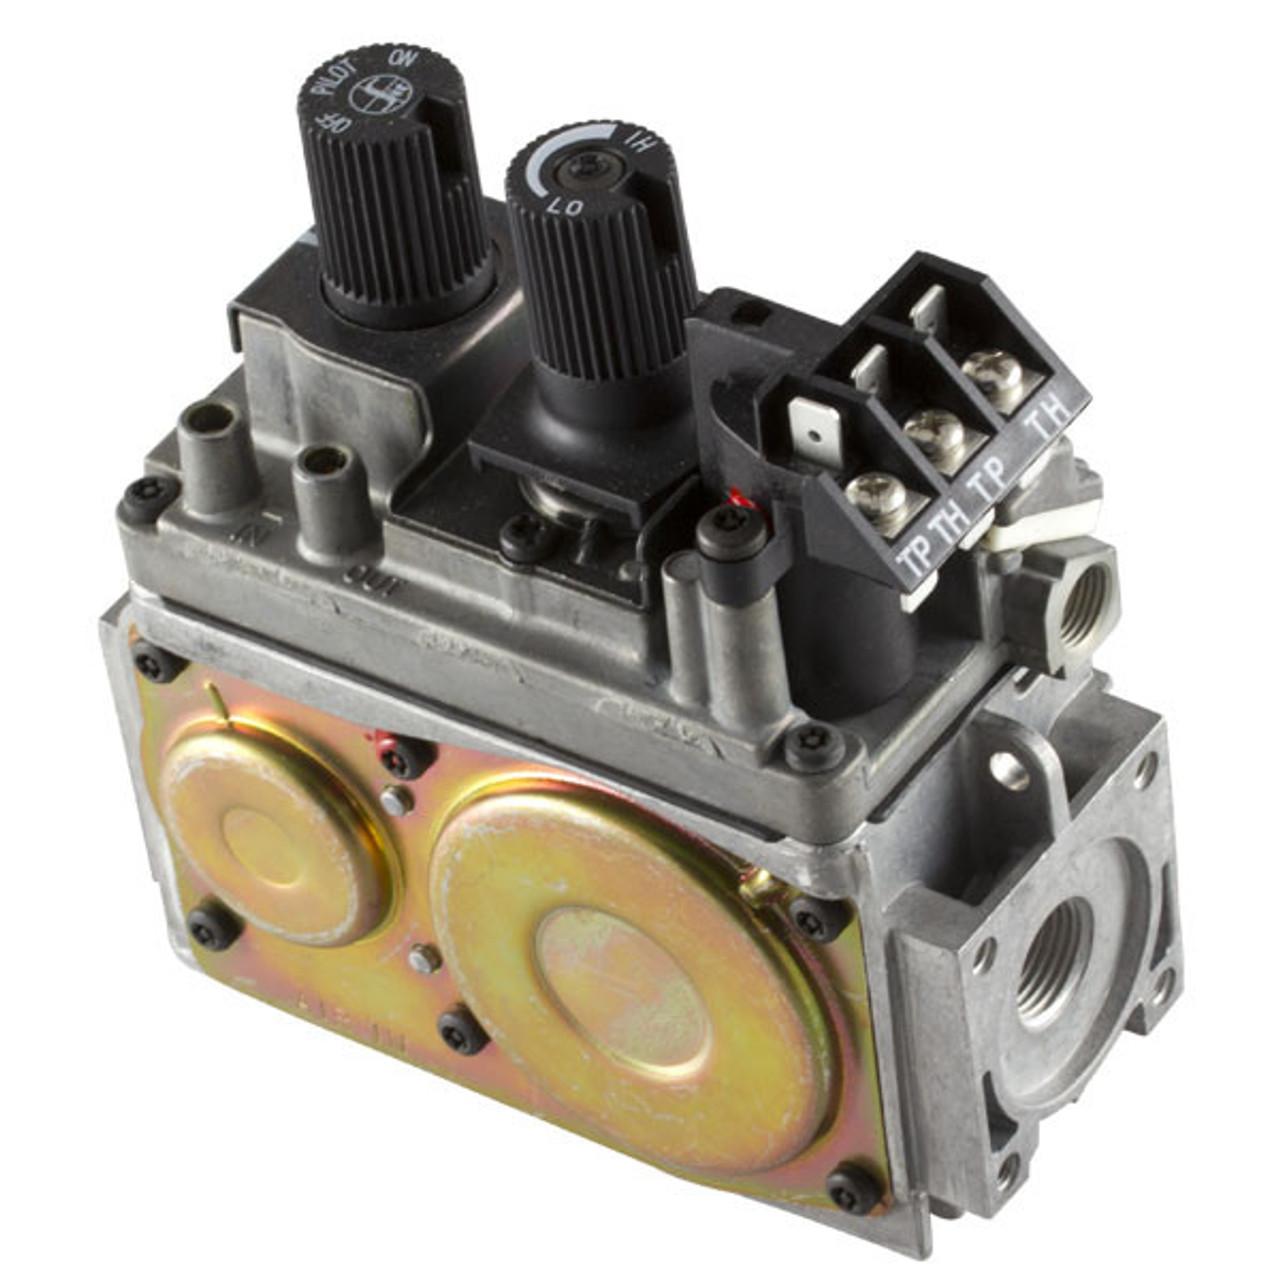 Sit 820 NG Gas Valve w/50% Turndown (910-478)